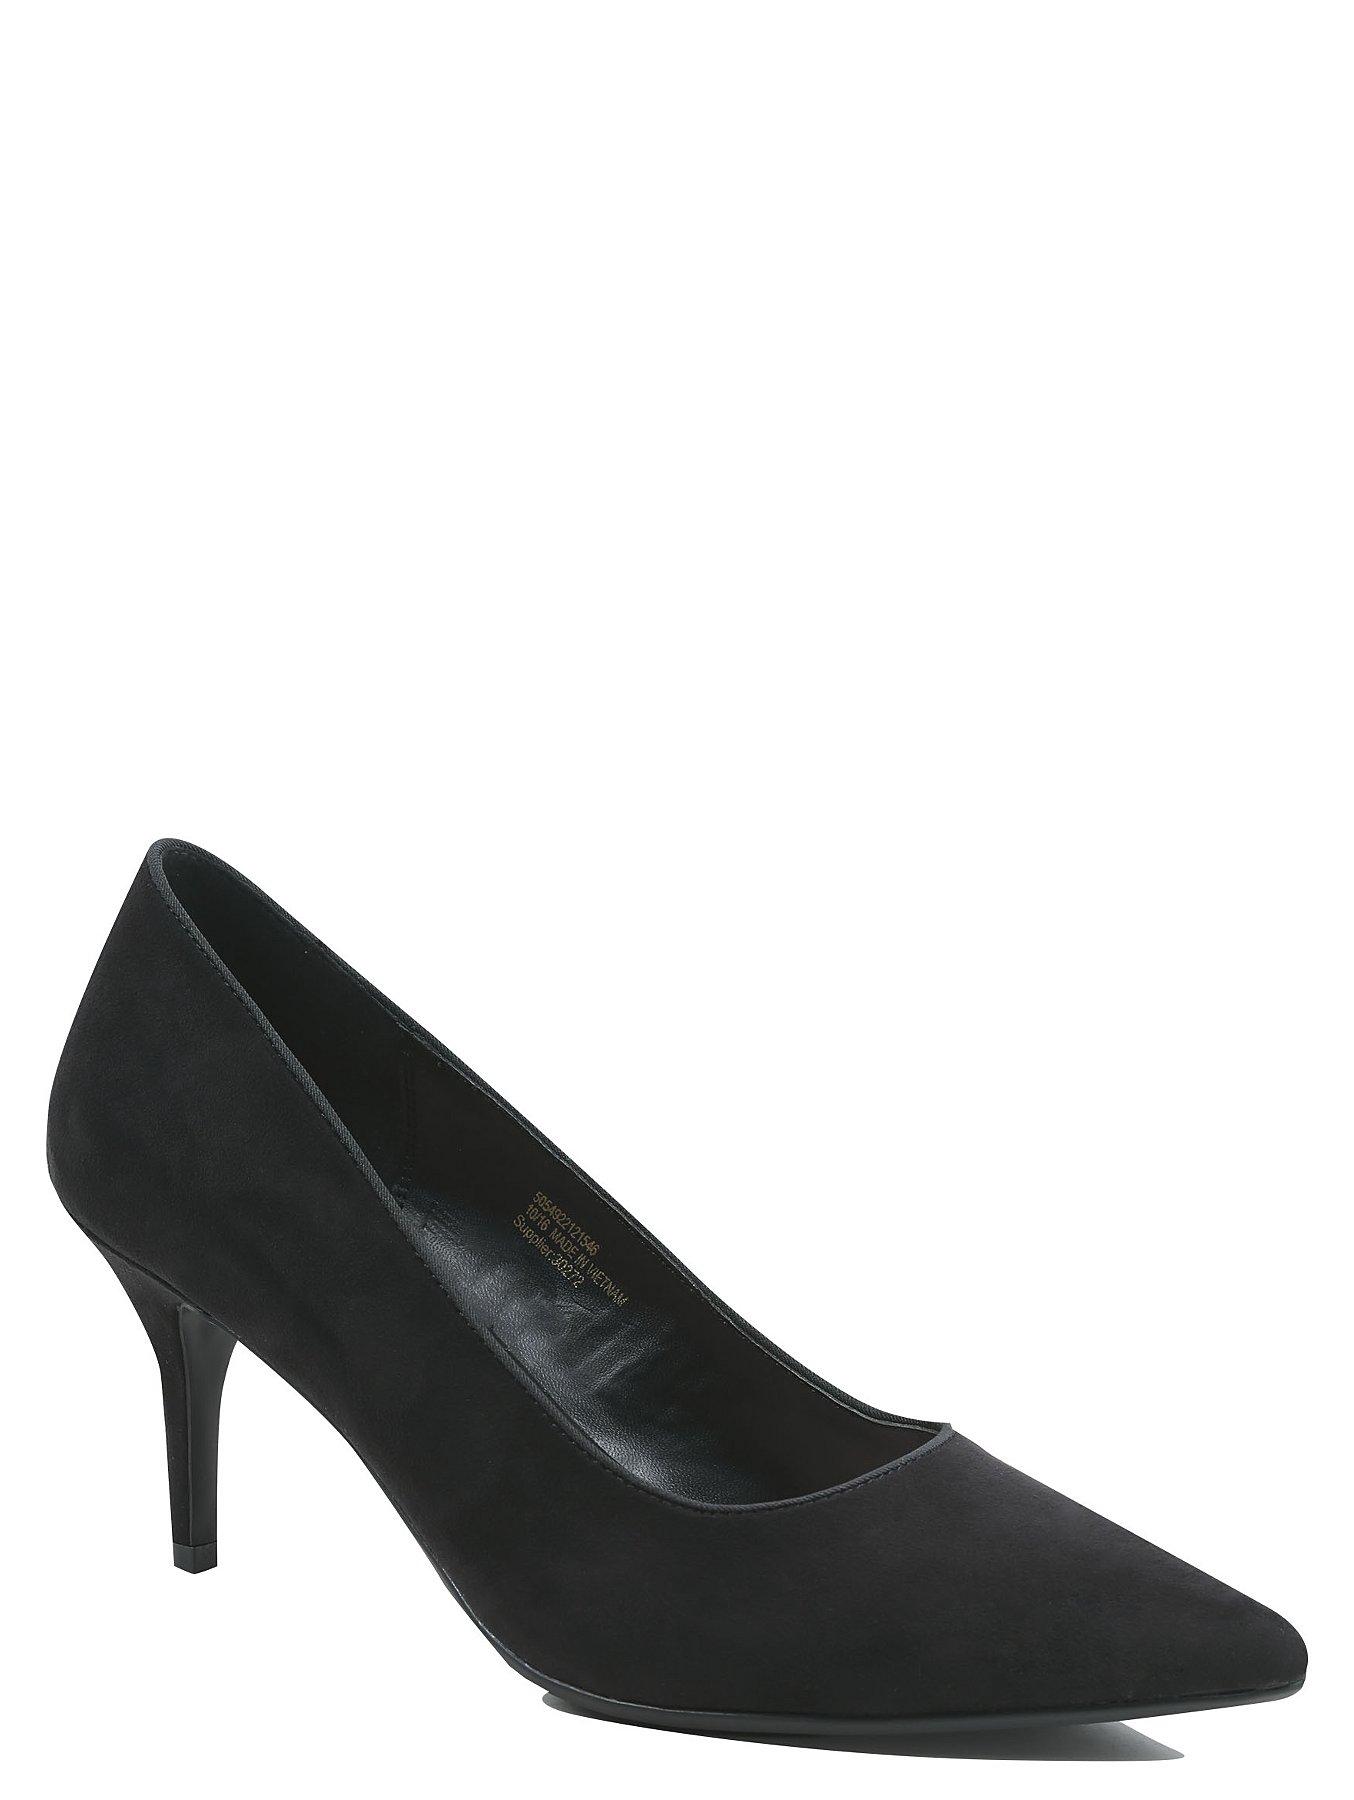 Stiletto Court Shoes